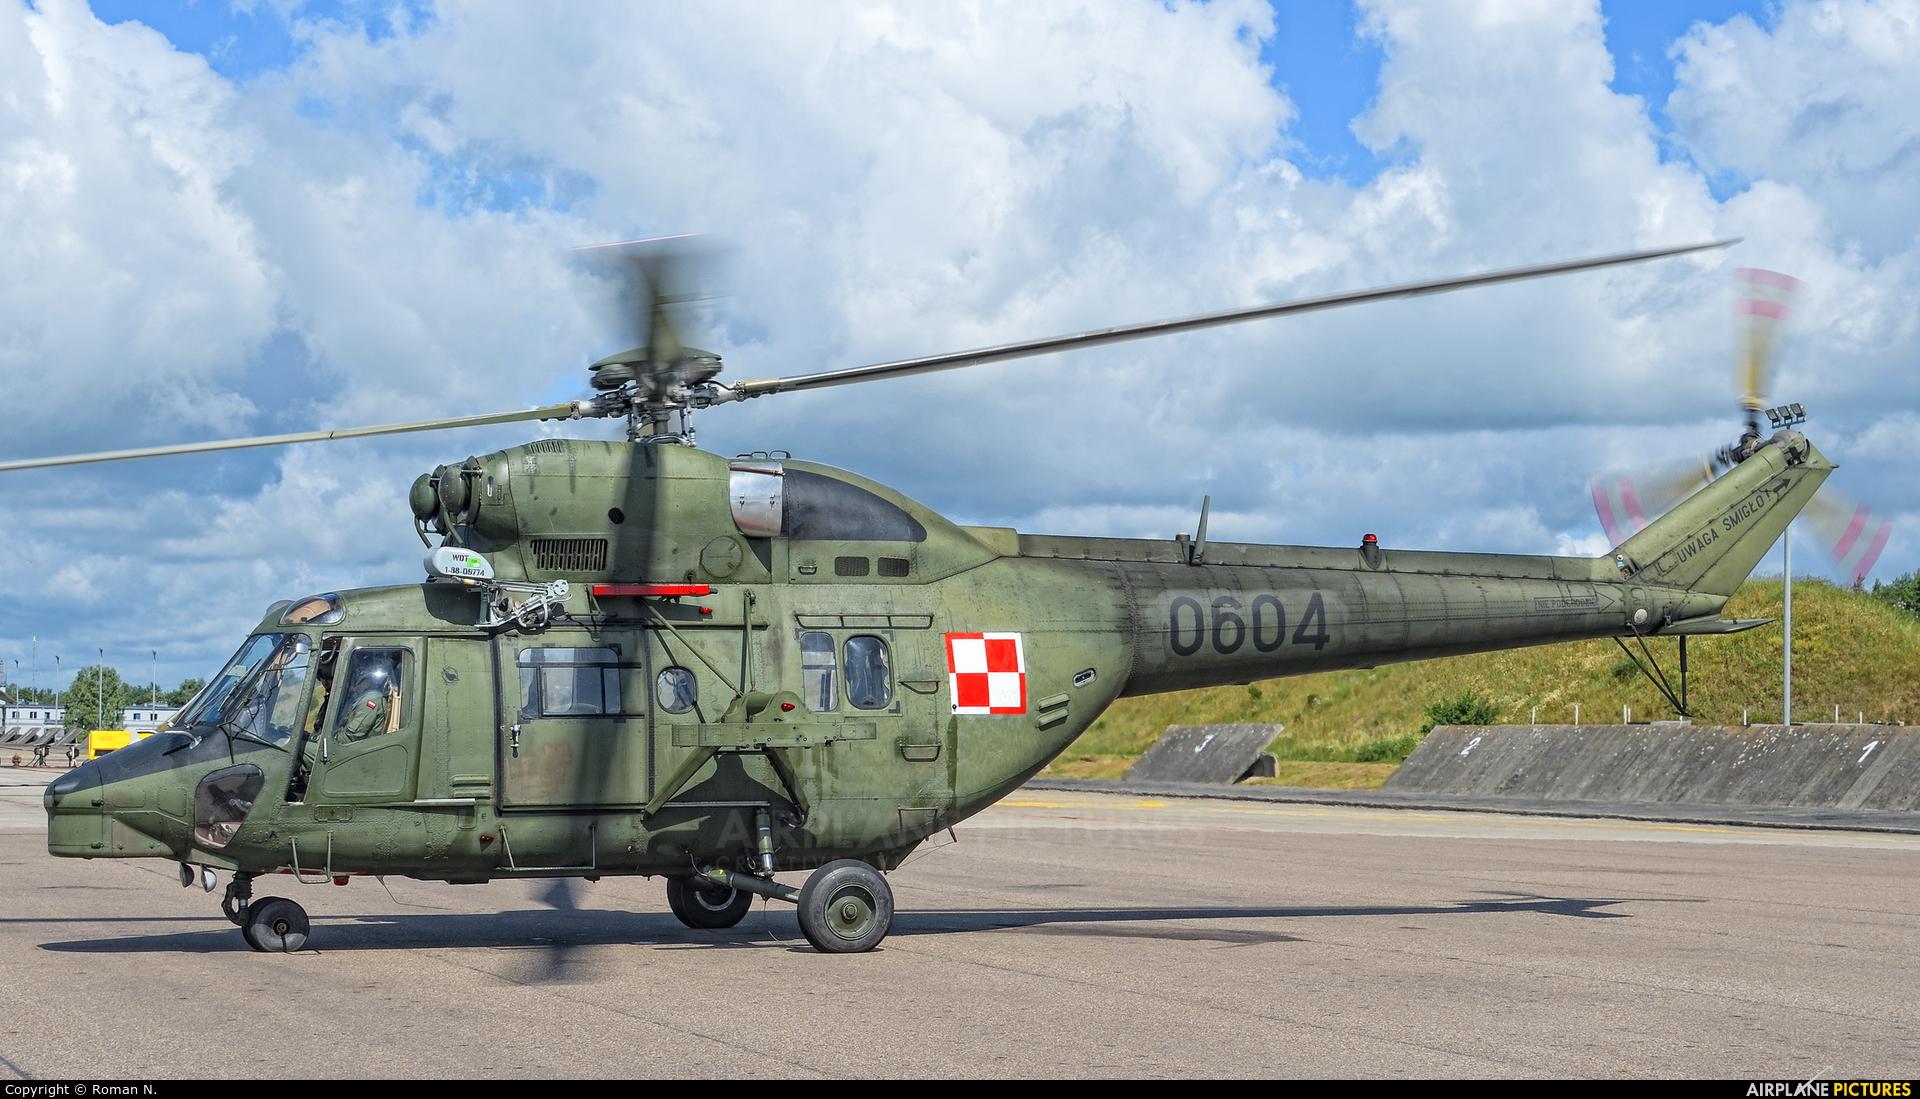 Poland - Army 0604 aircraft at Świdwin